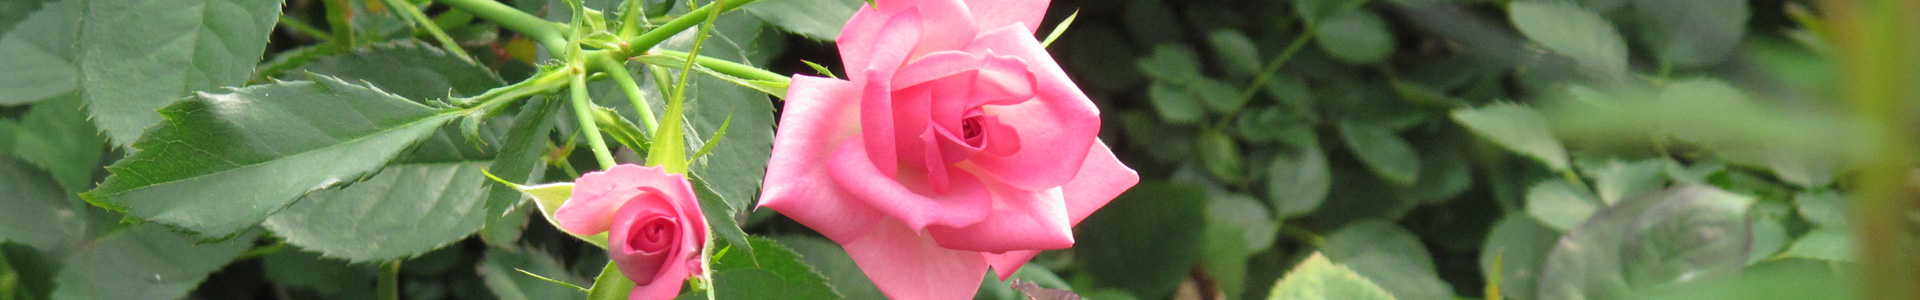 私たちのバラについて